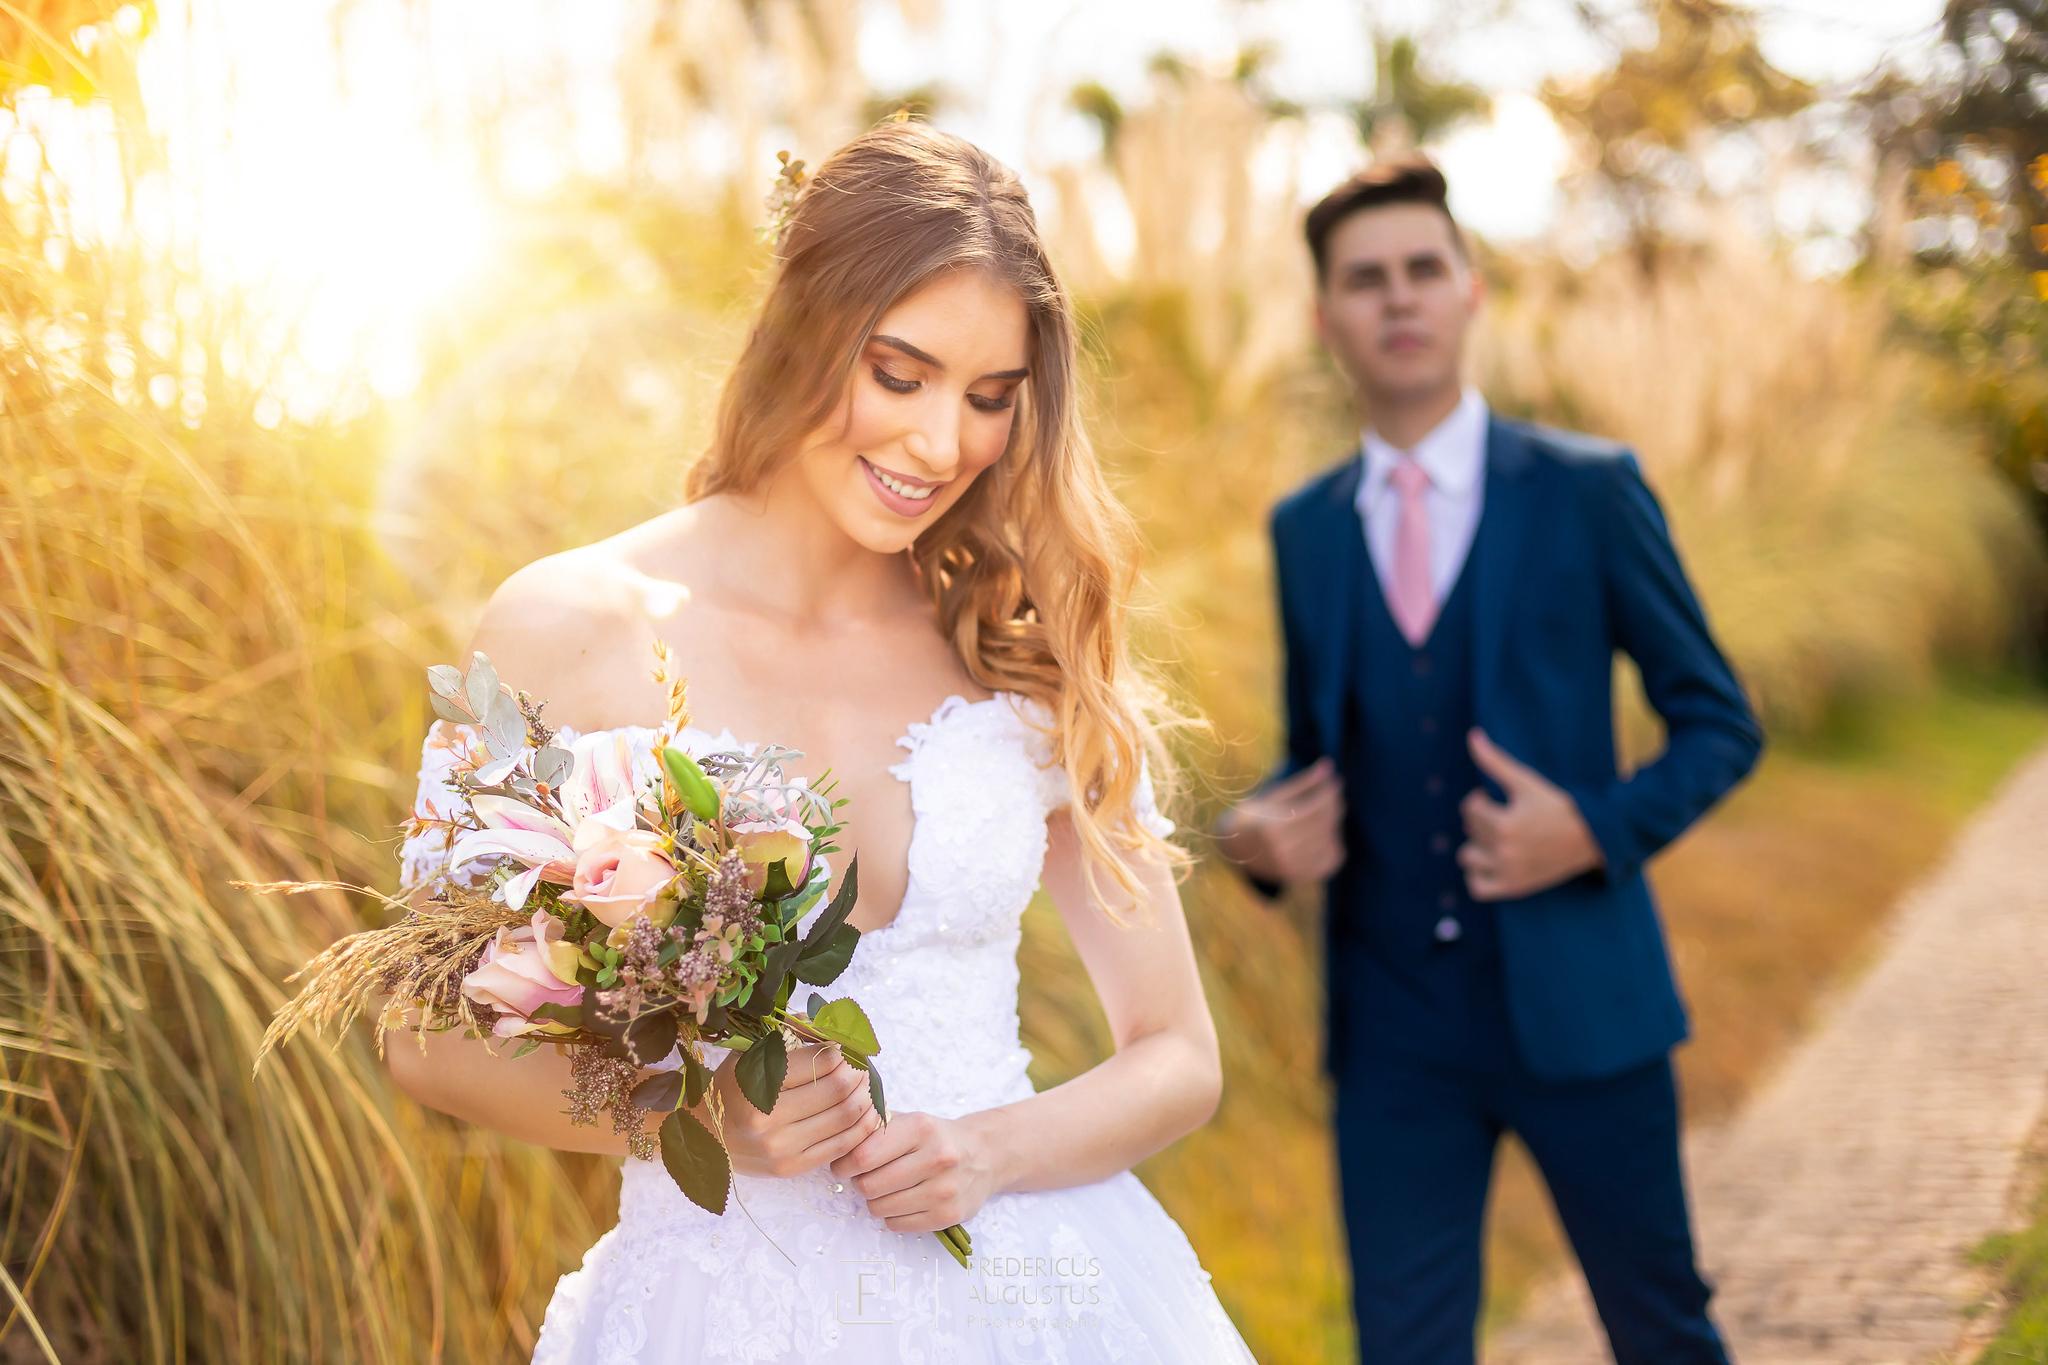 no ensaio de pós casamento tem que ter fotos da noiva mostrando toda delicadeza e felicidade